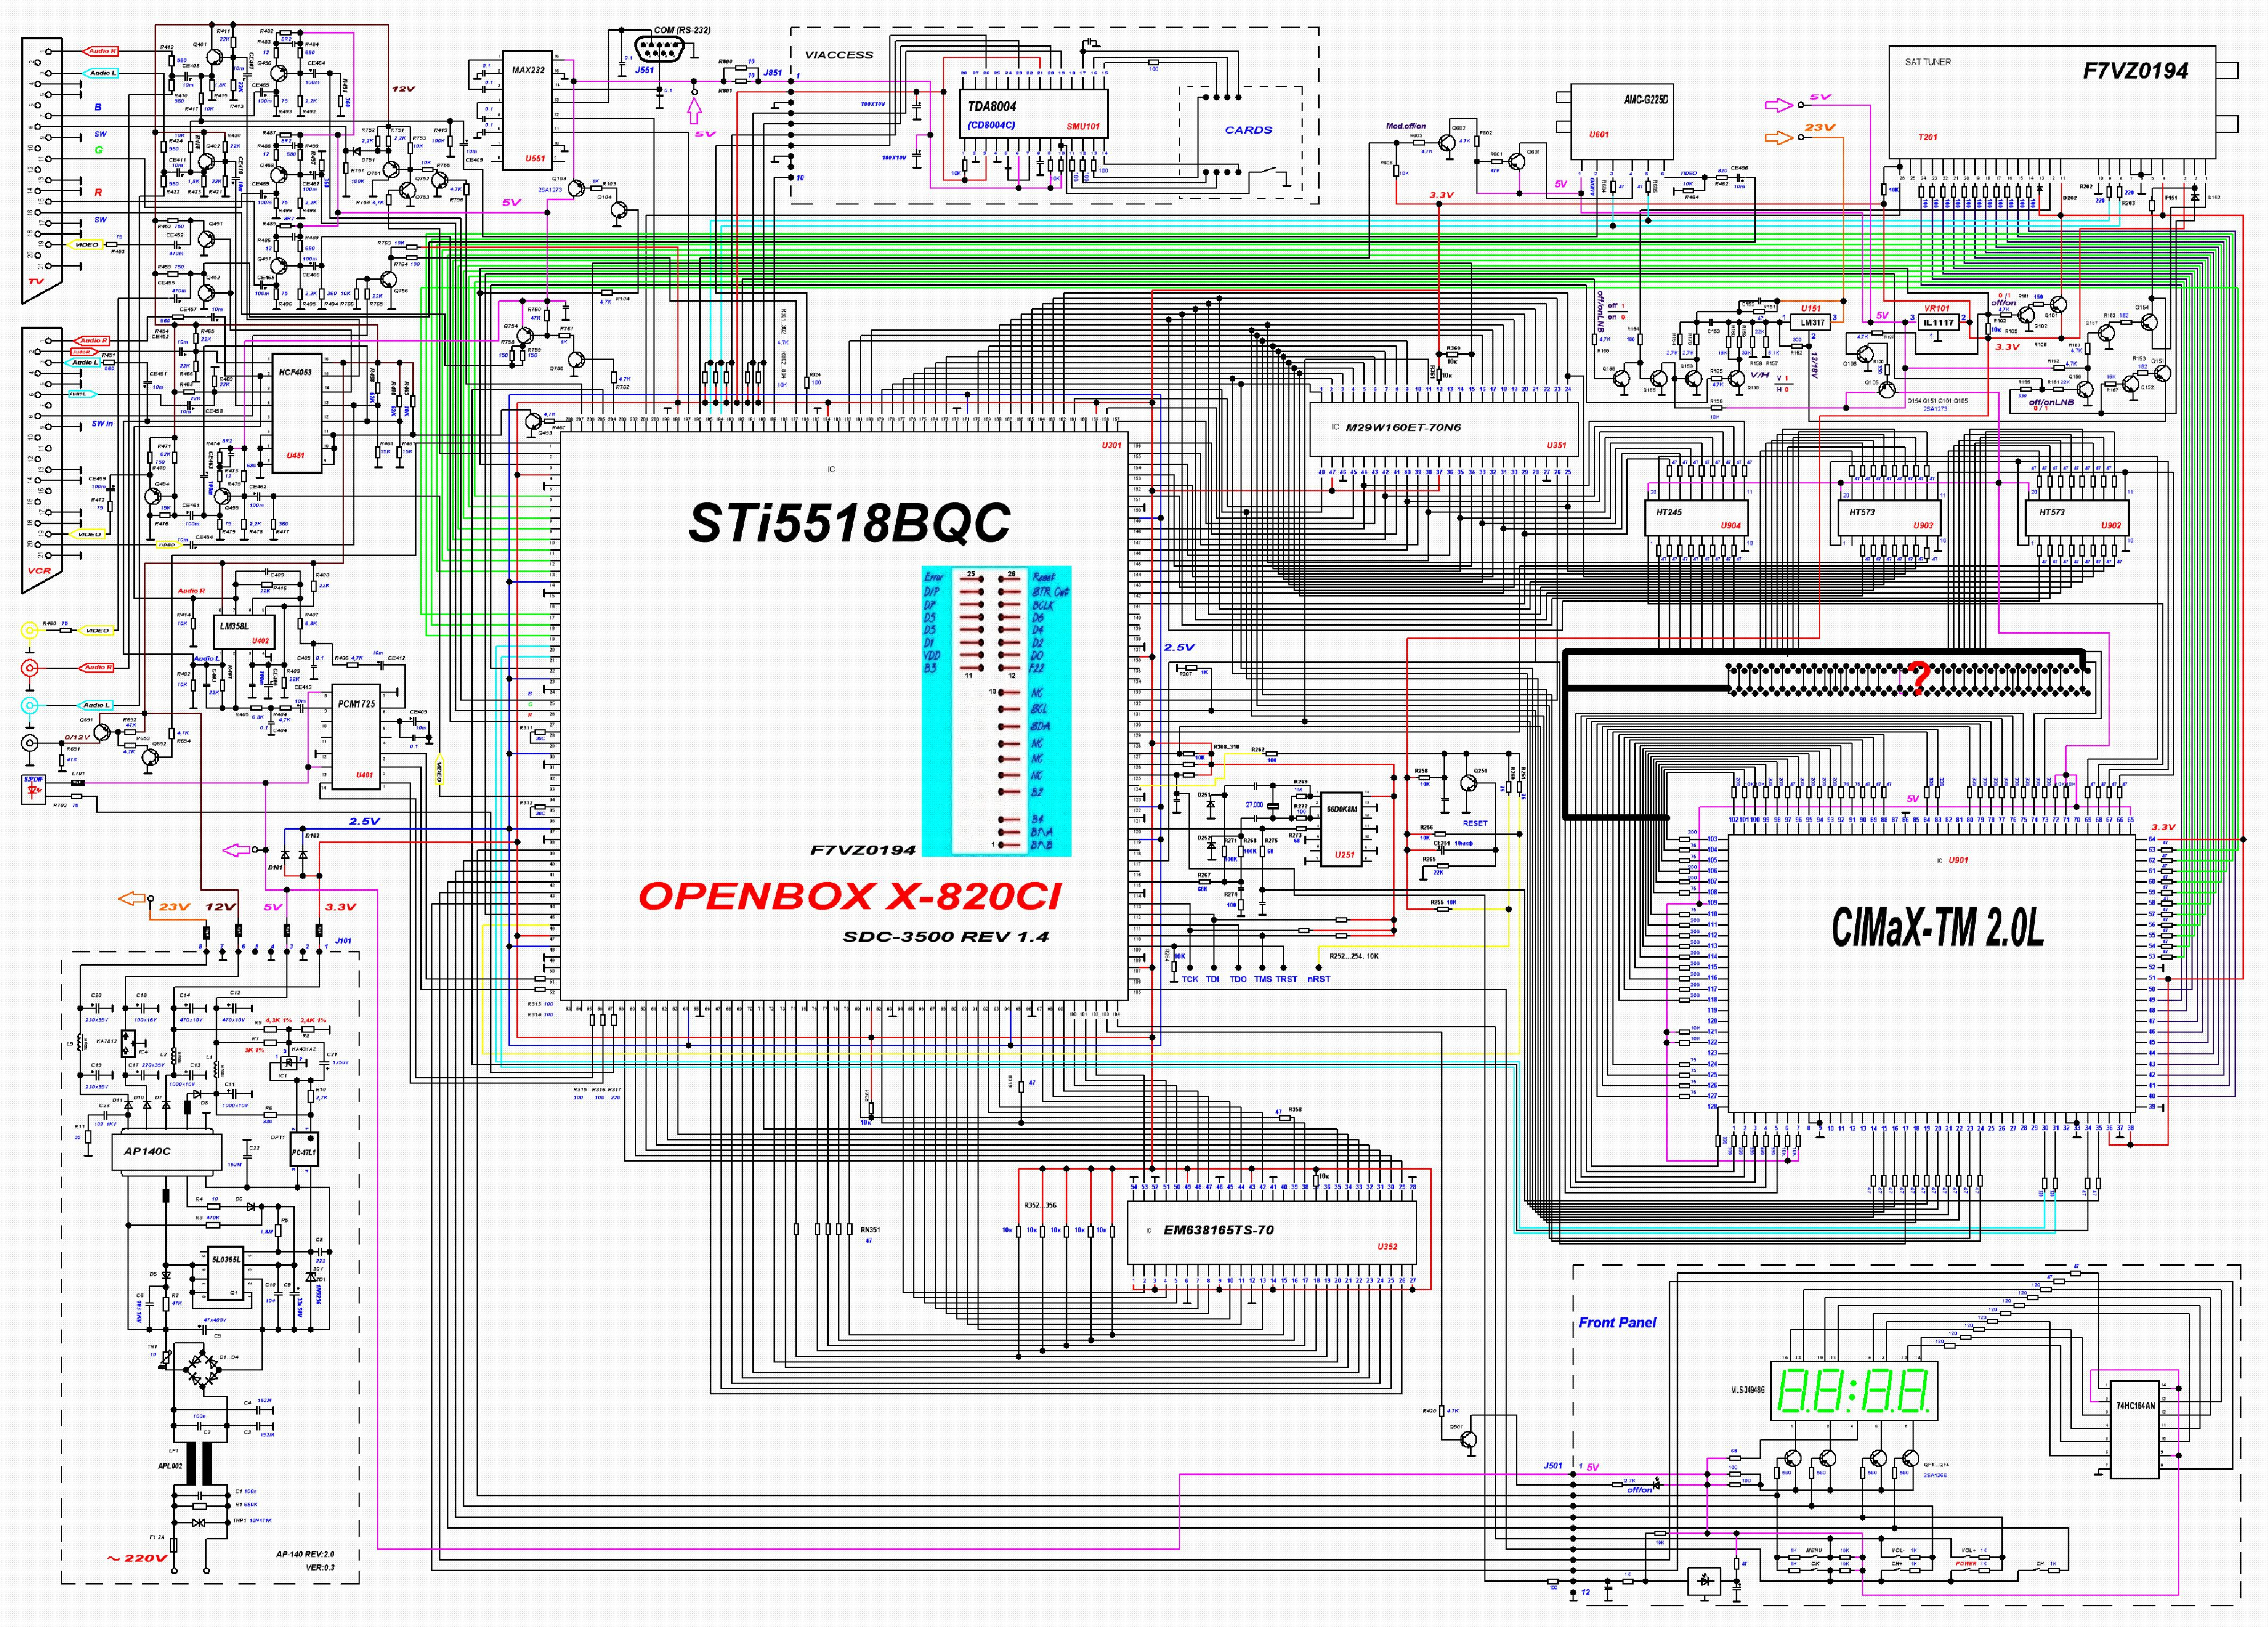 схема openbox x820ci